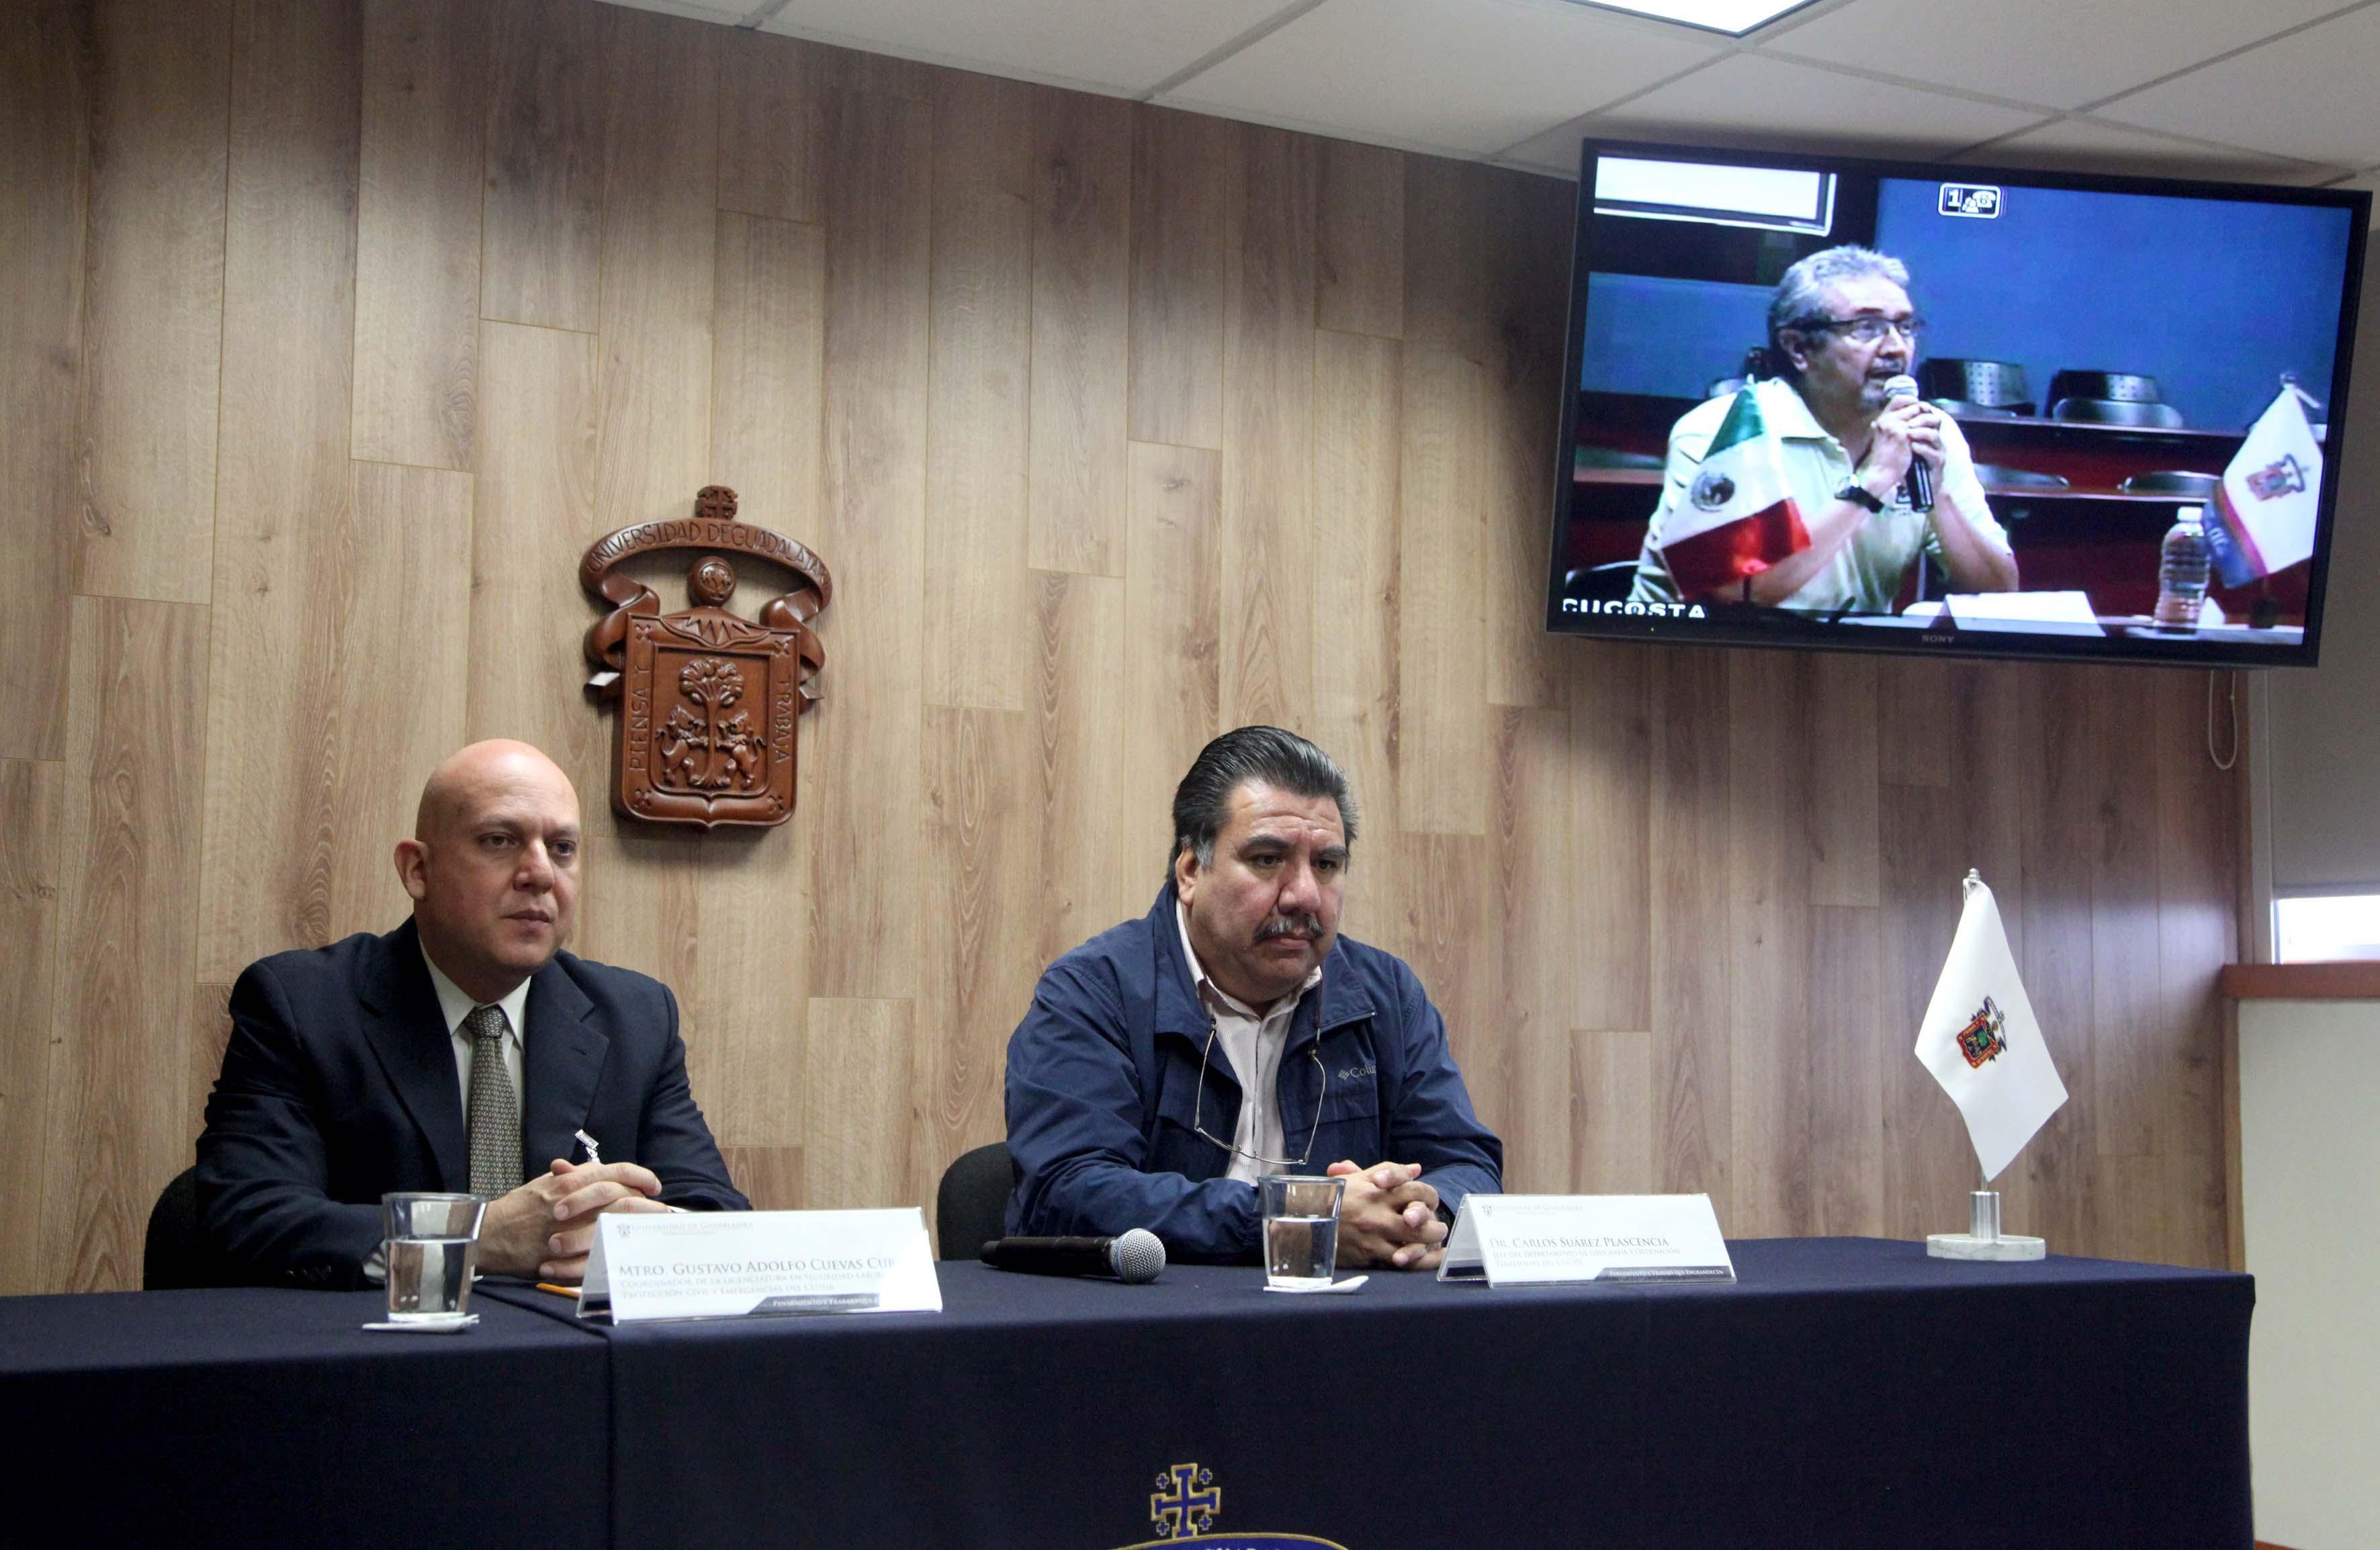 Dos hombres sentados en el estrado del paraninfo UDG, pantalla en la esquina superior derecha